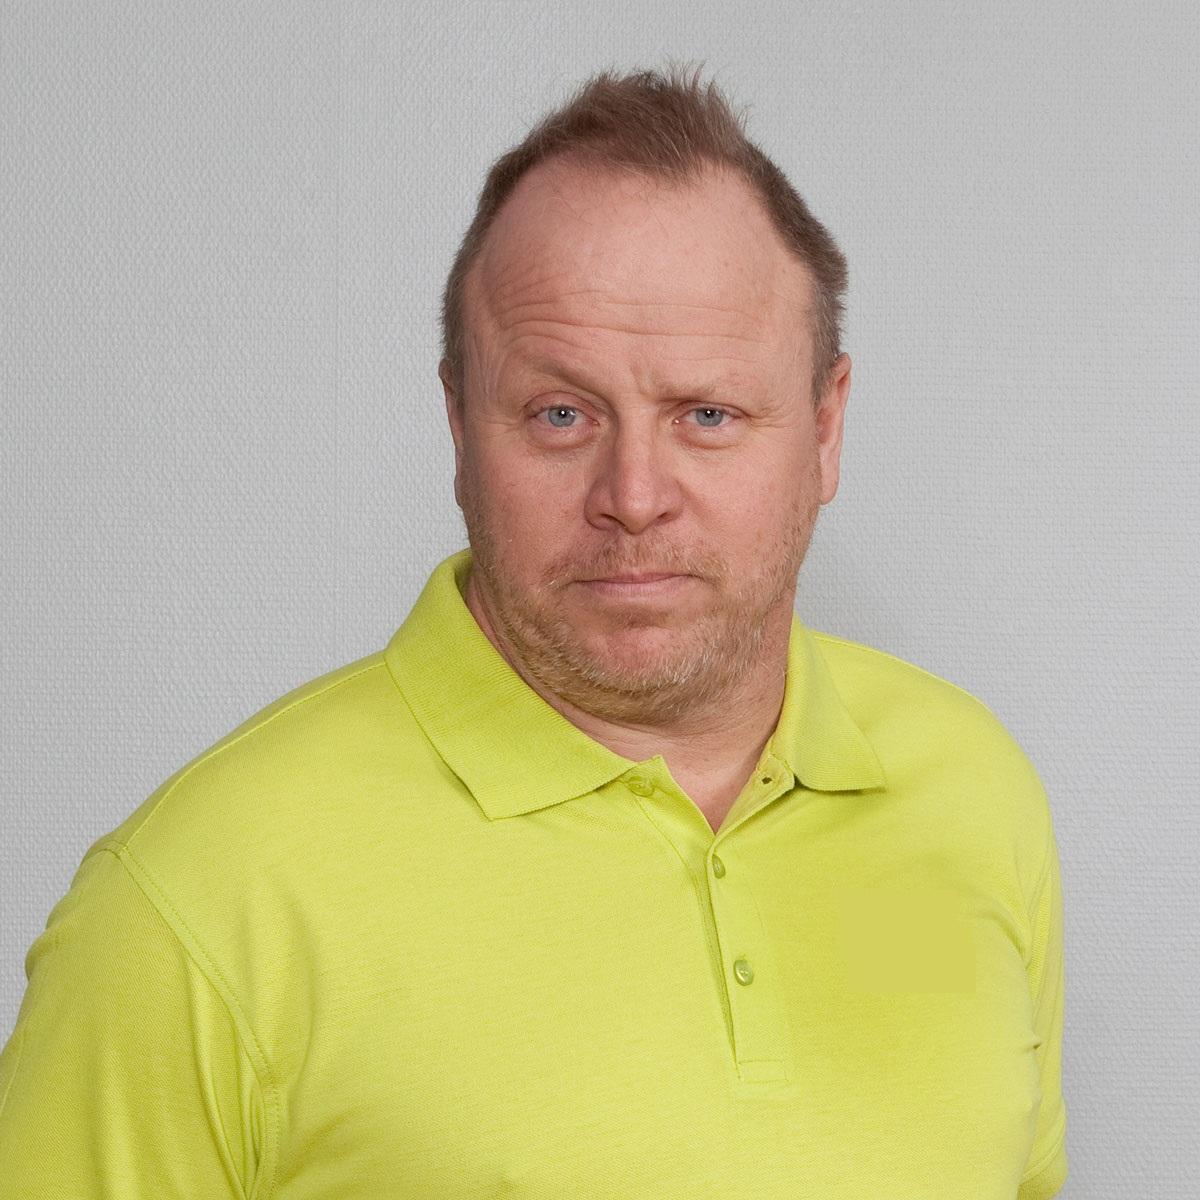 Jim Marklund